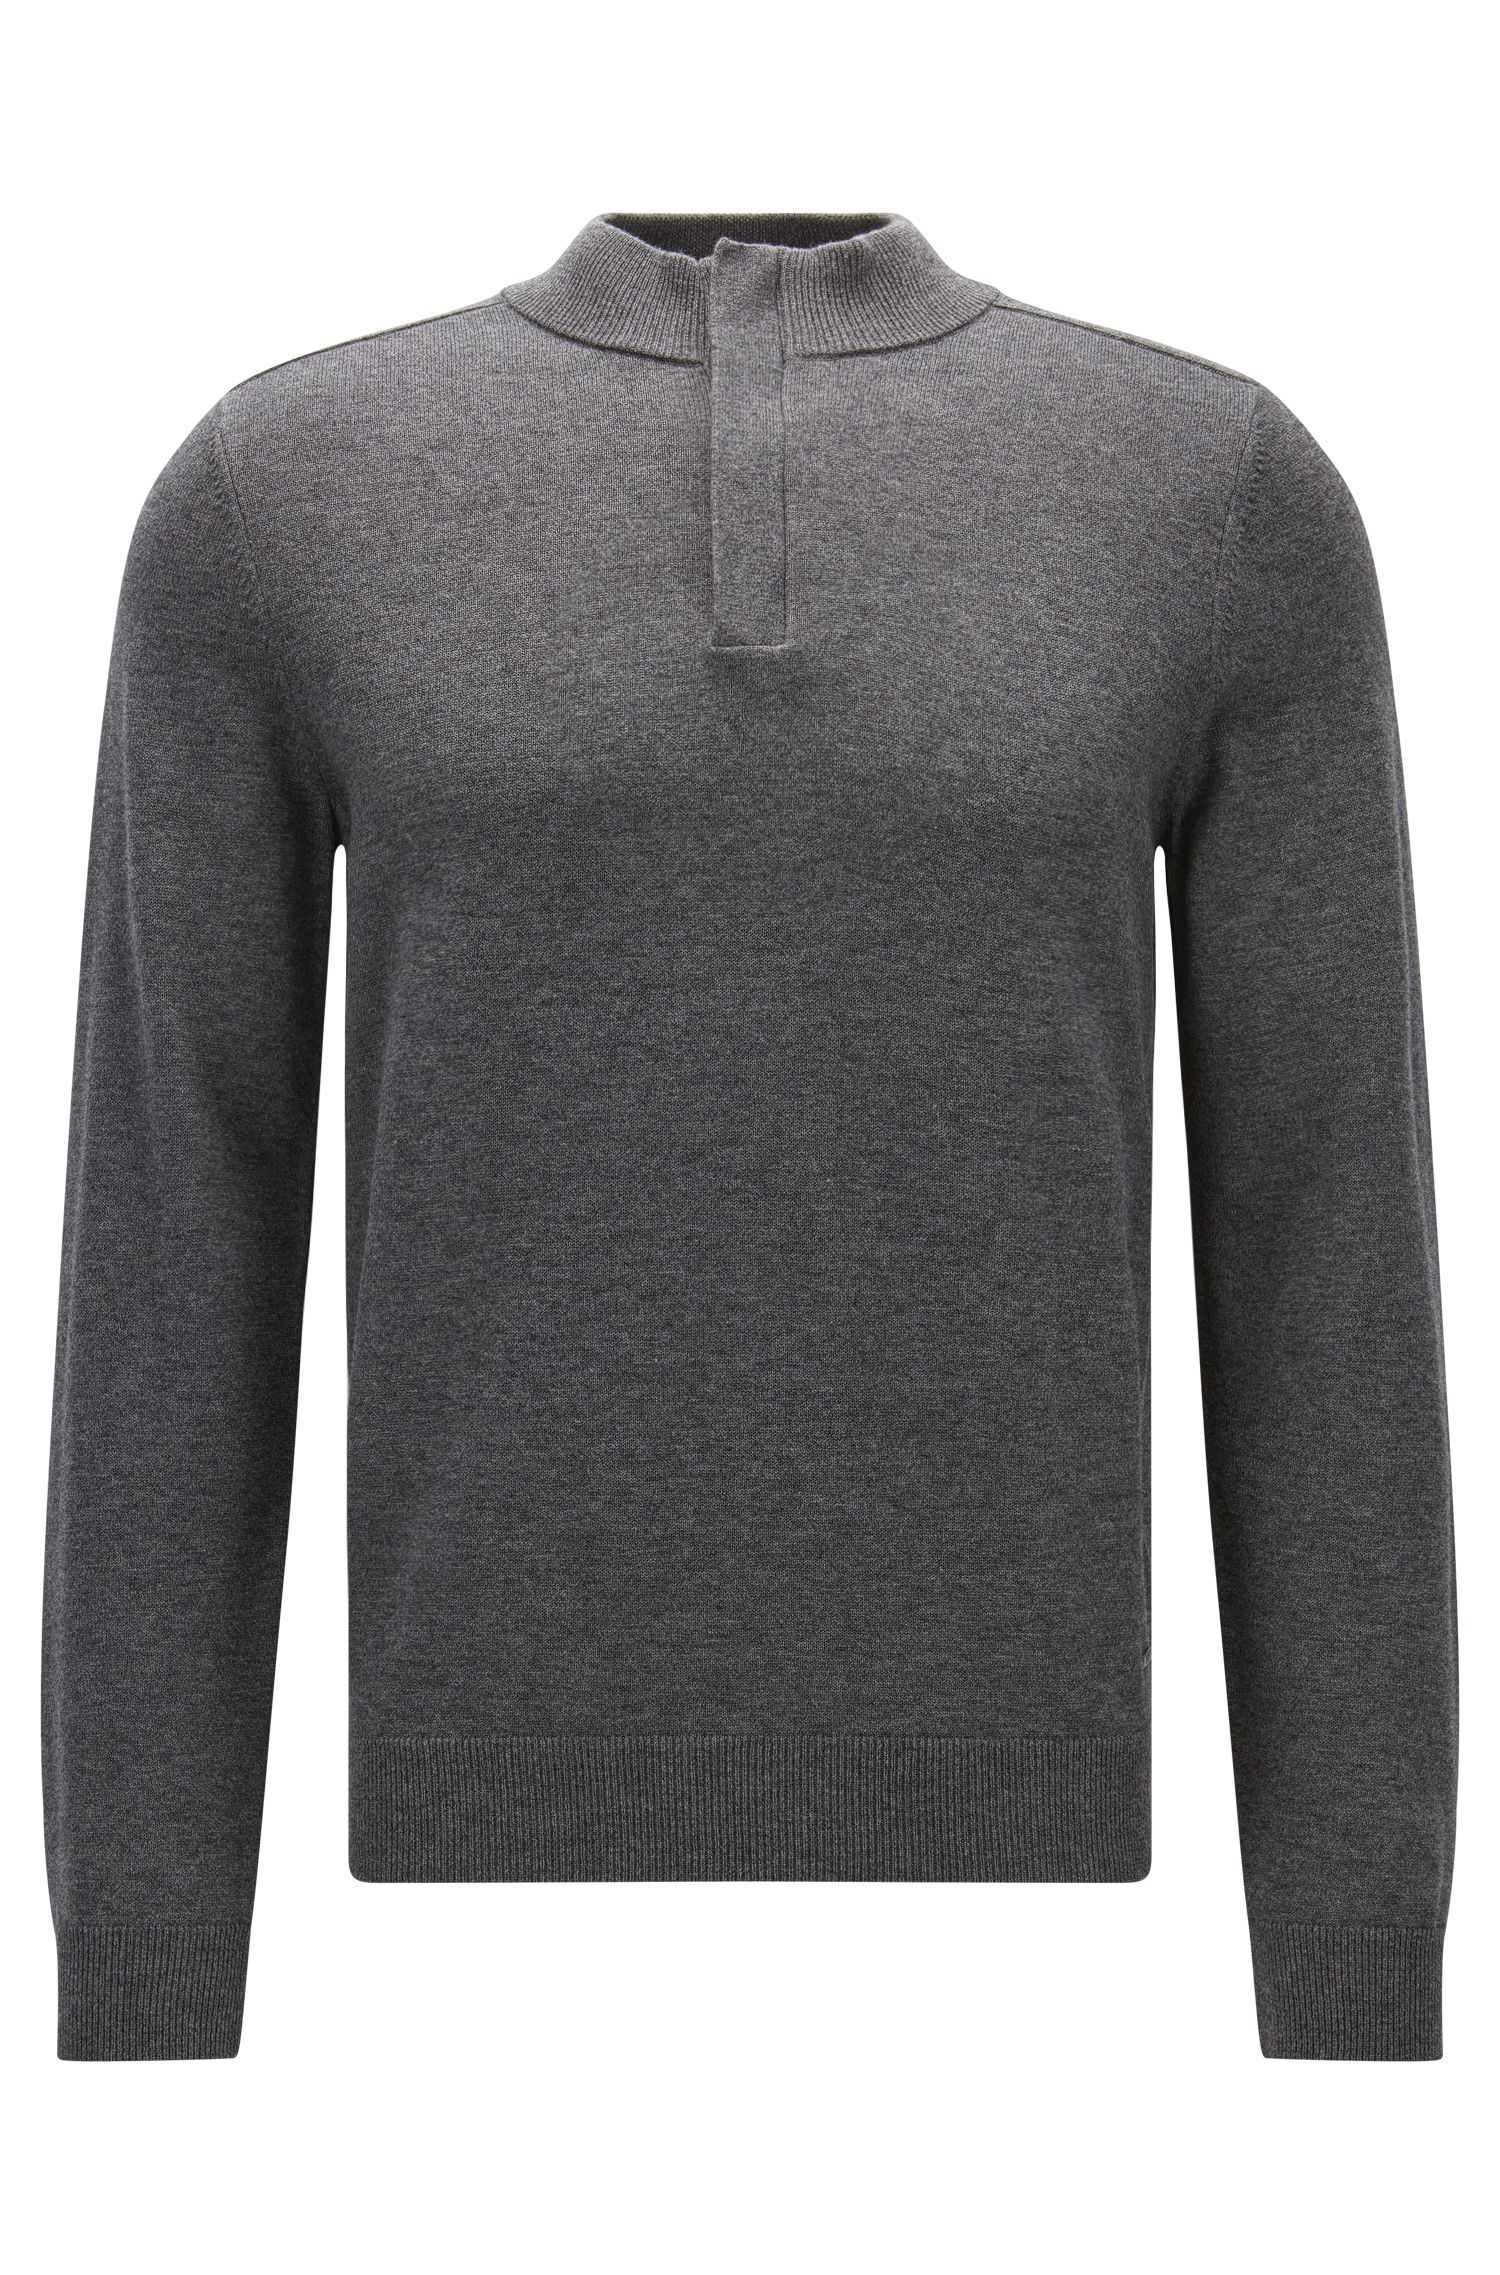 Maglione con zip nascosta sul colletto in misto cotone-lana